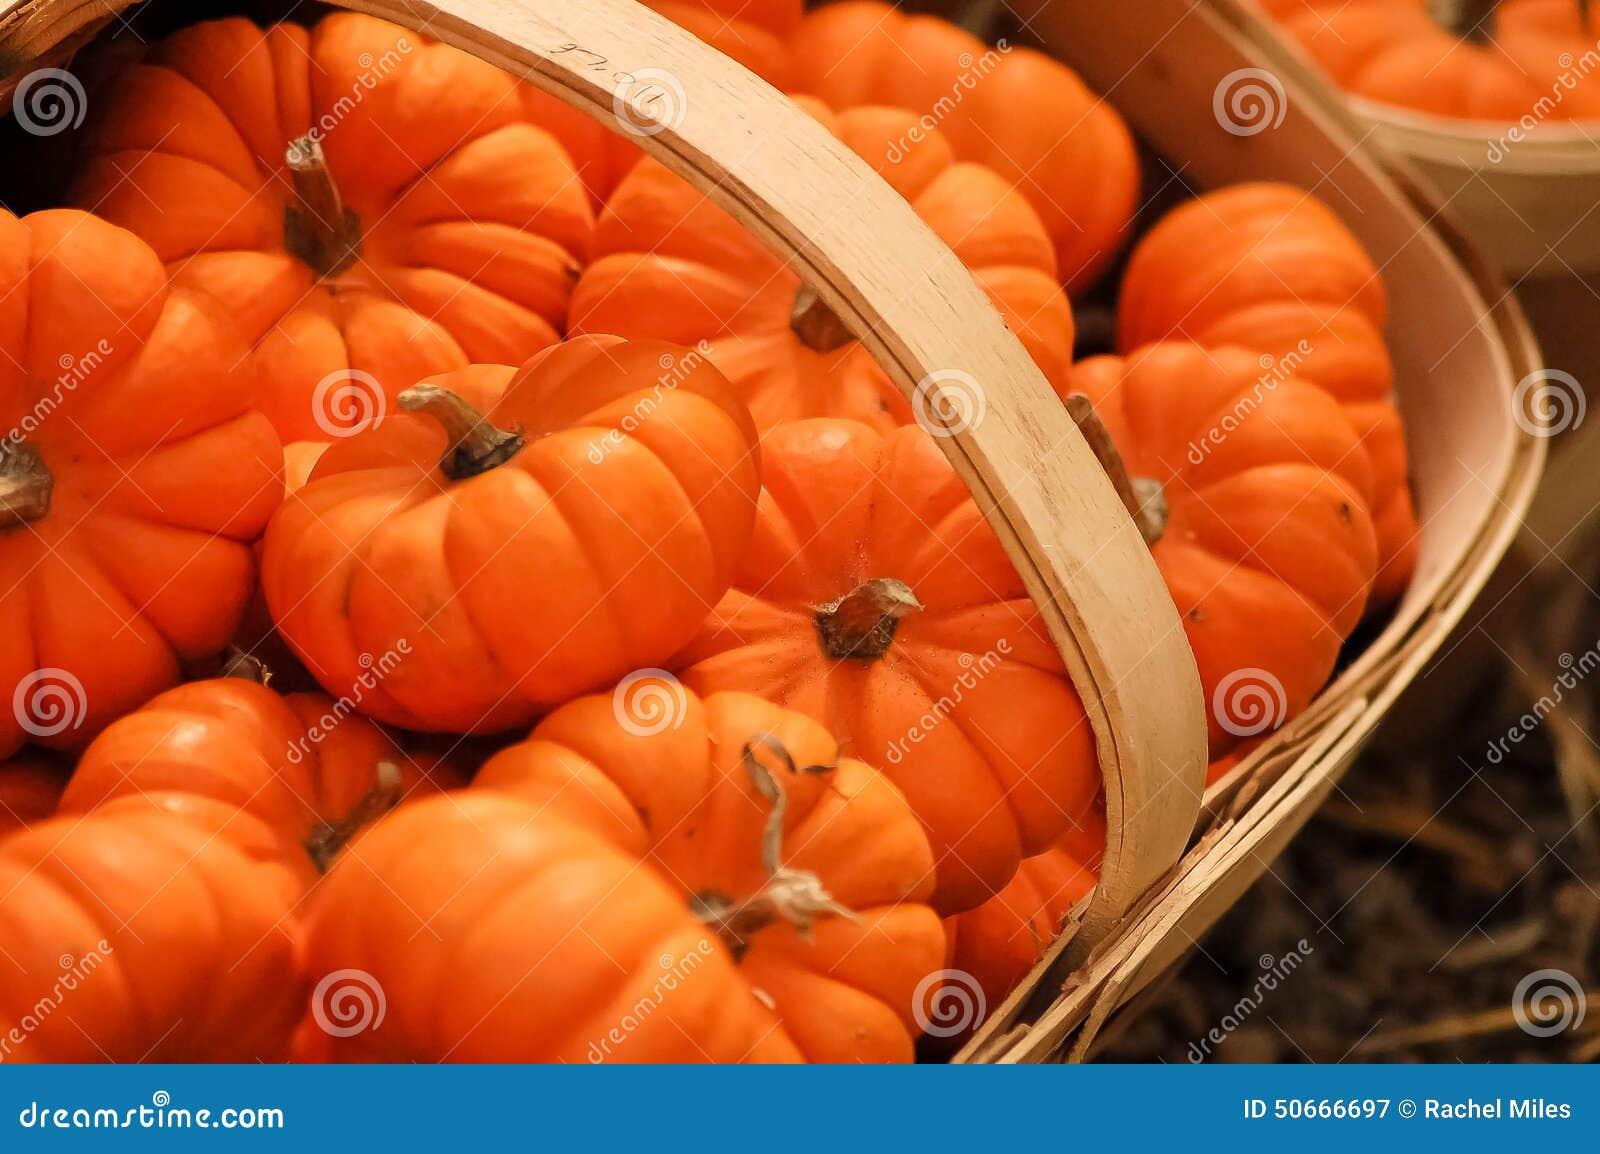 Pumpkin fall photography